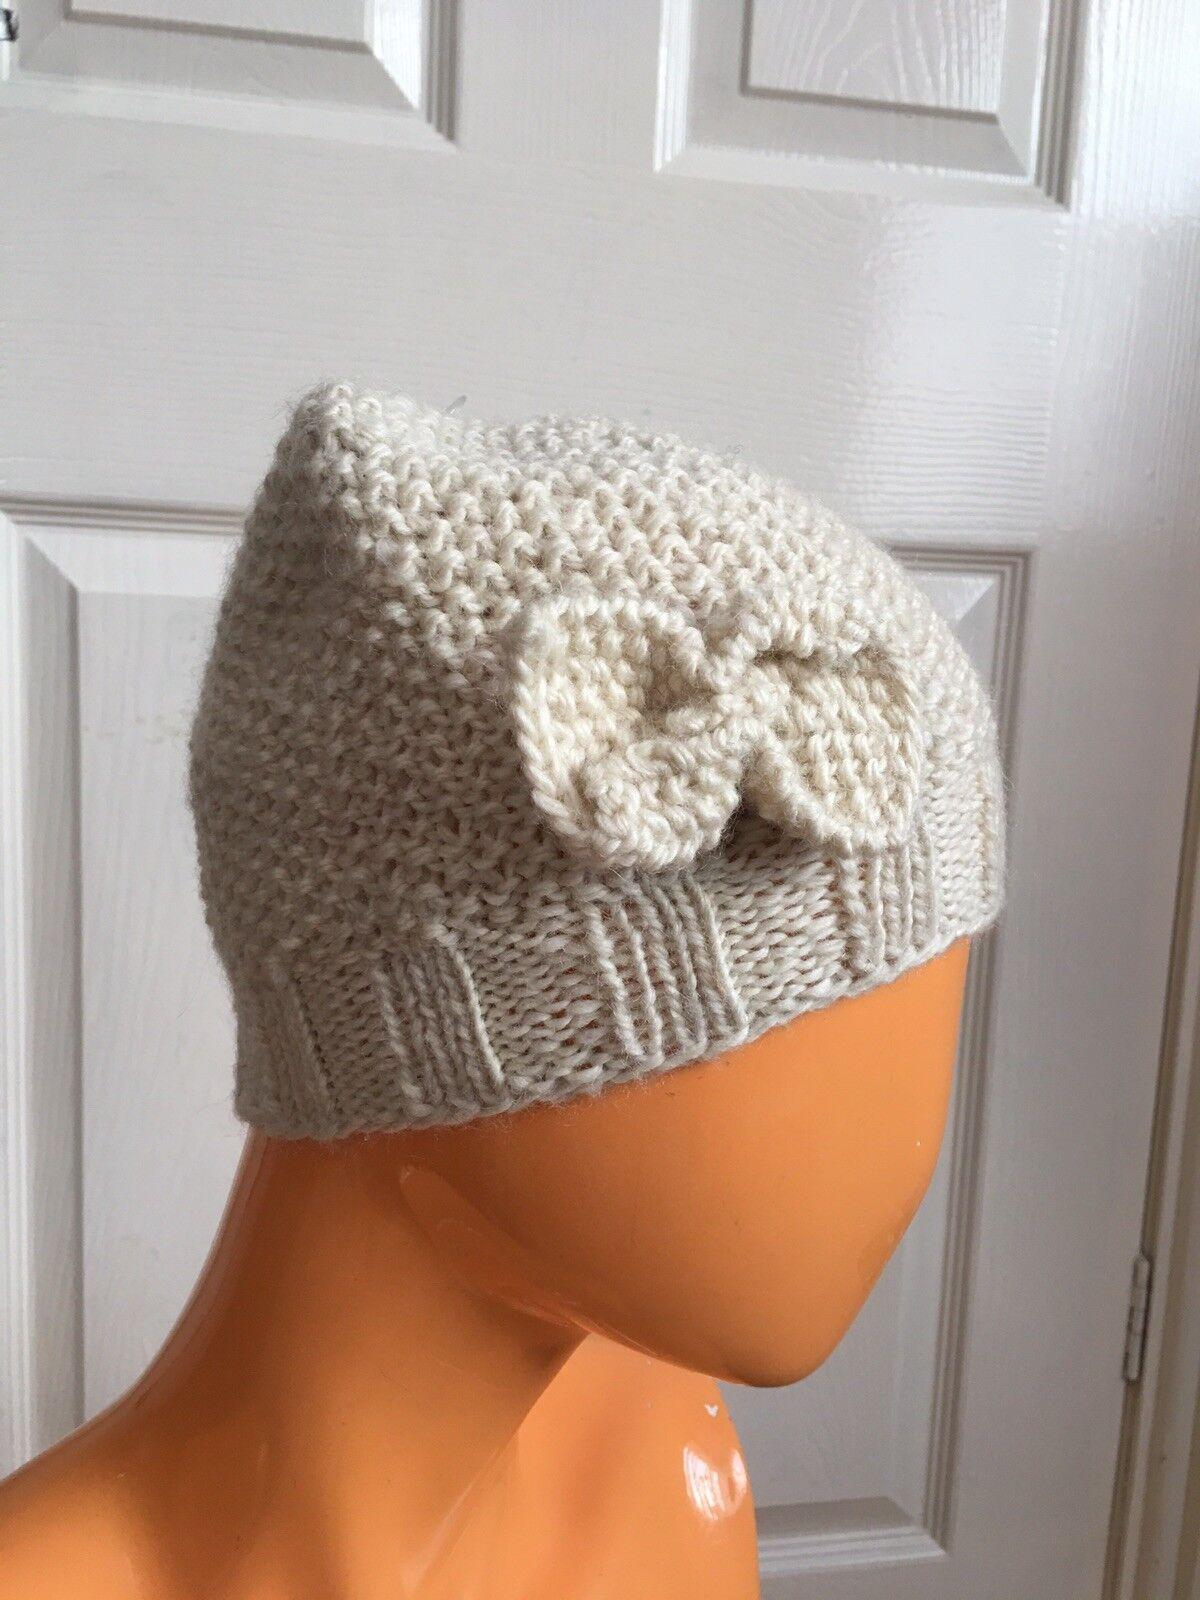 Mariposas tiene sentimientos por Topshop Crema Beanie arco Hand Knit Wool hat Nuevo Con Etiquetas